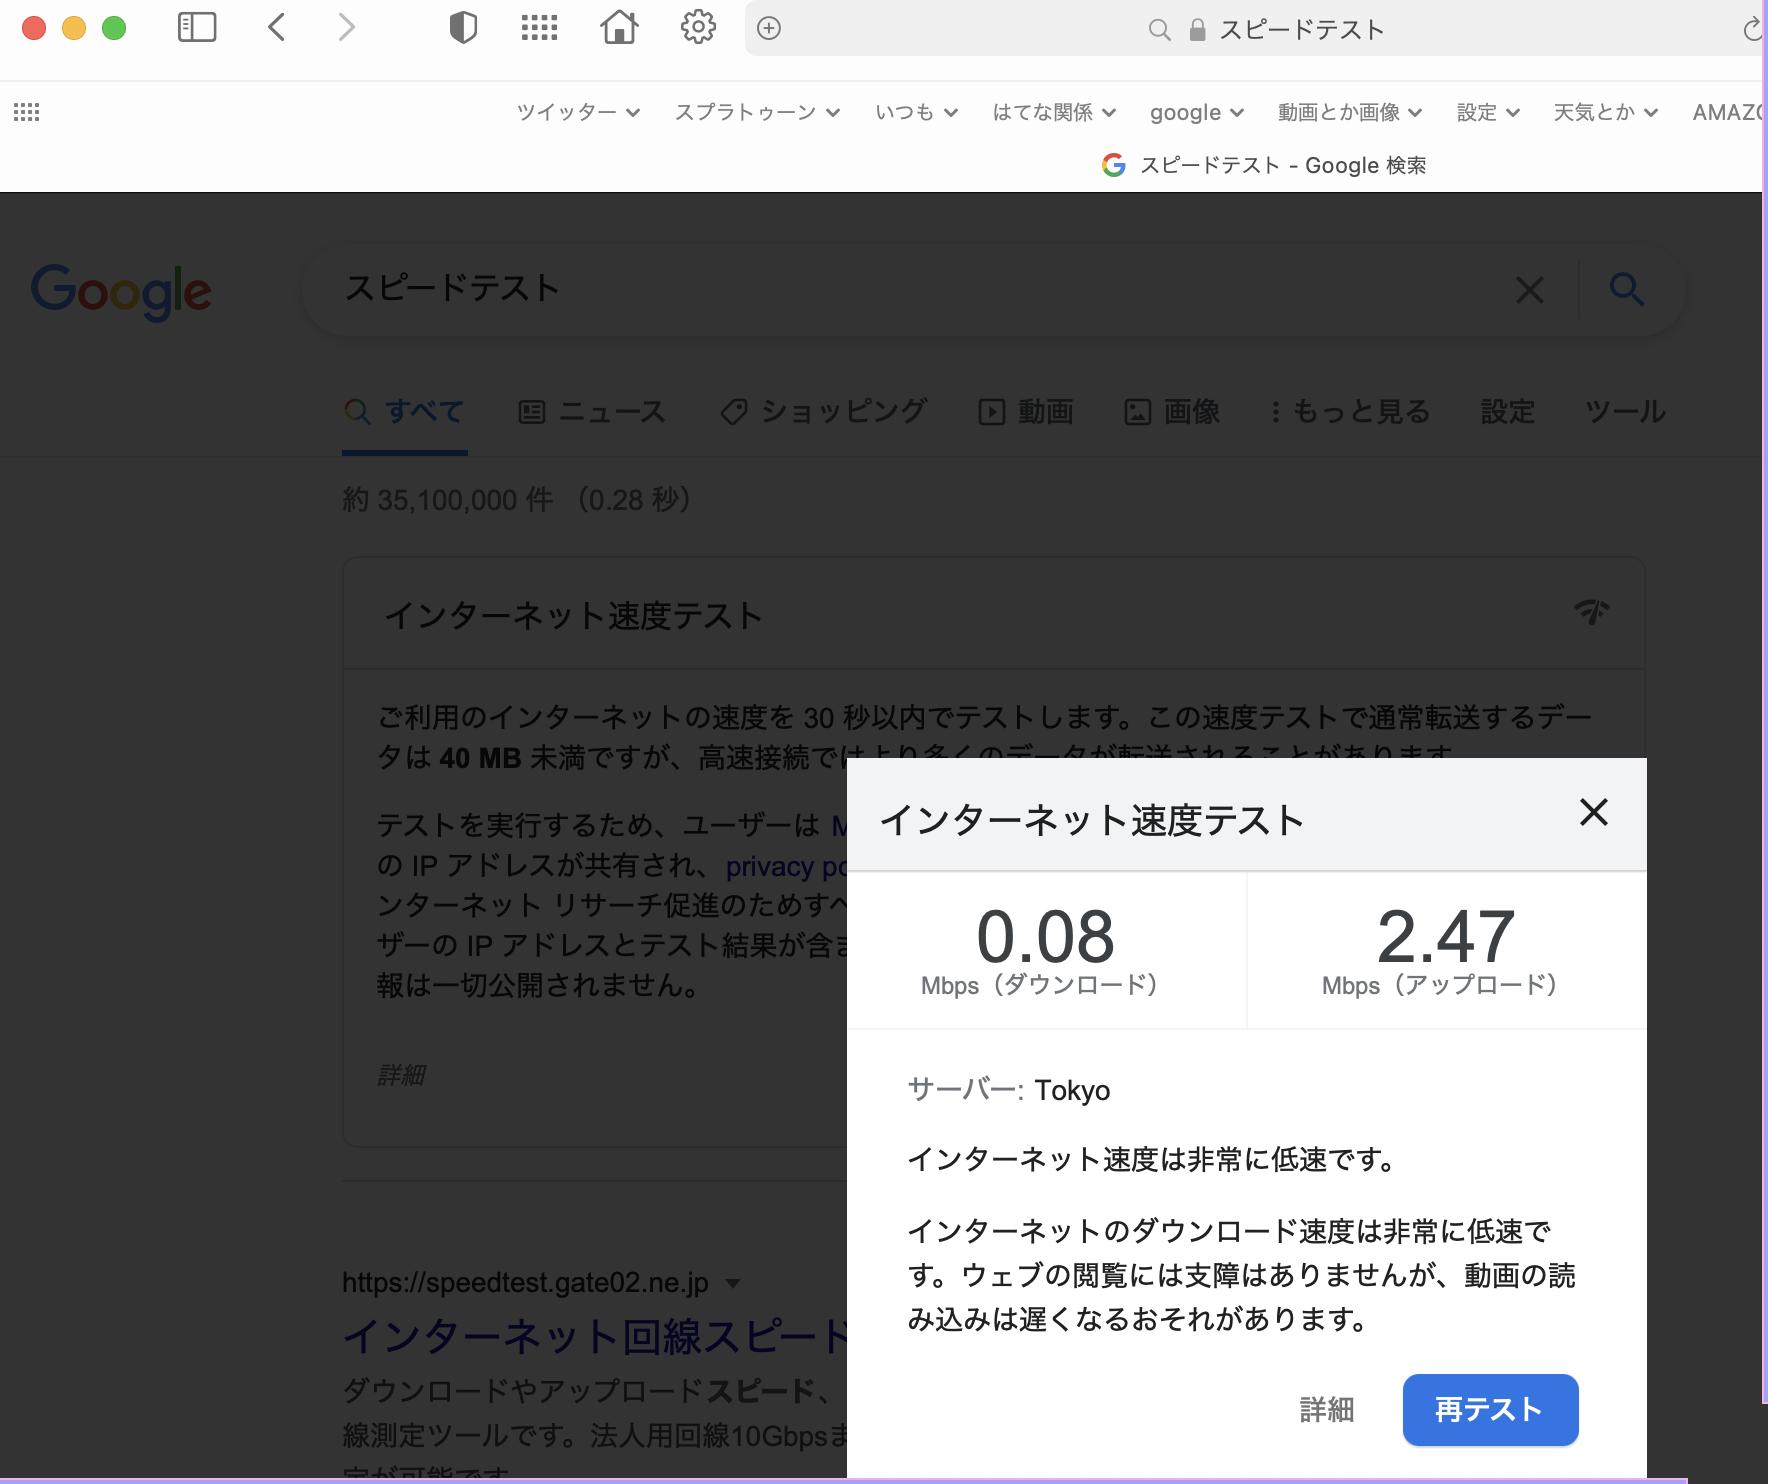 f:id:t_aki:20210505030404p:plain:w150